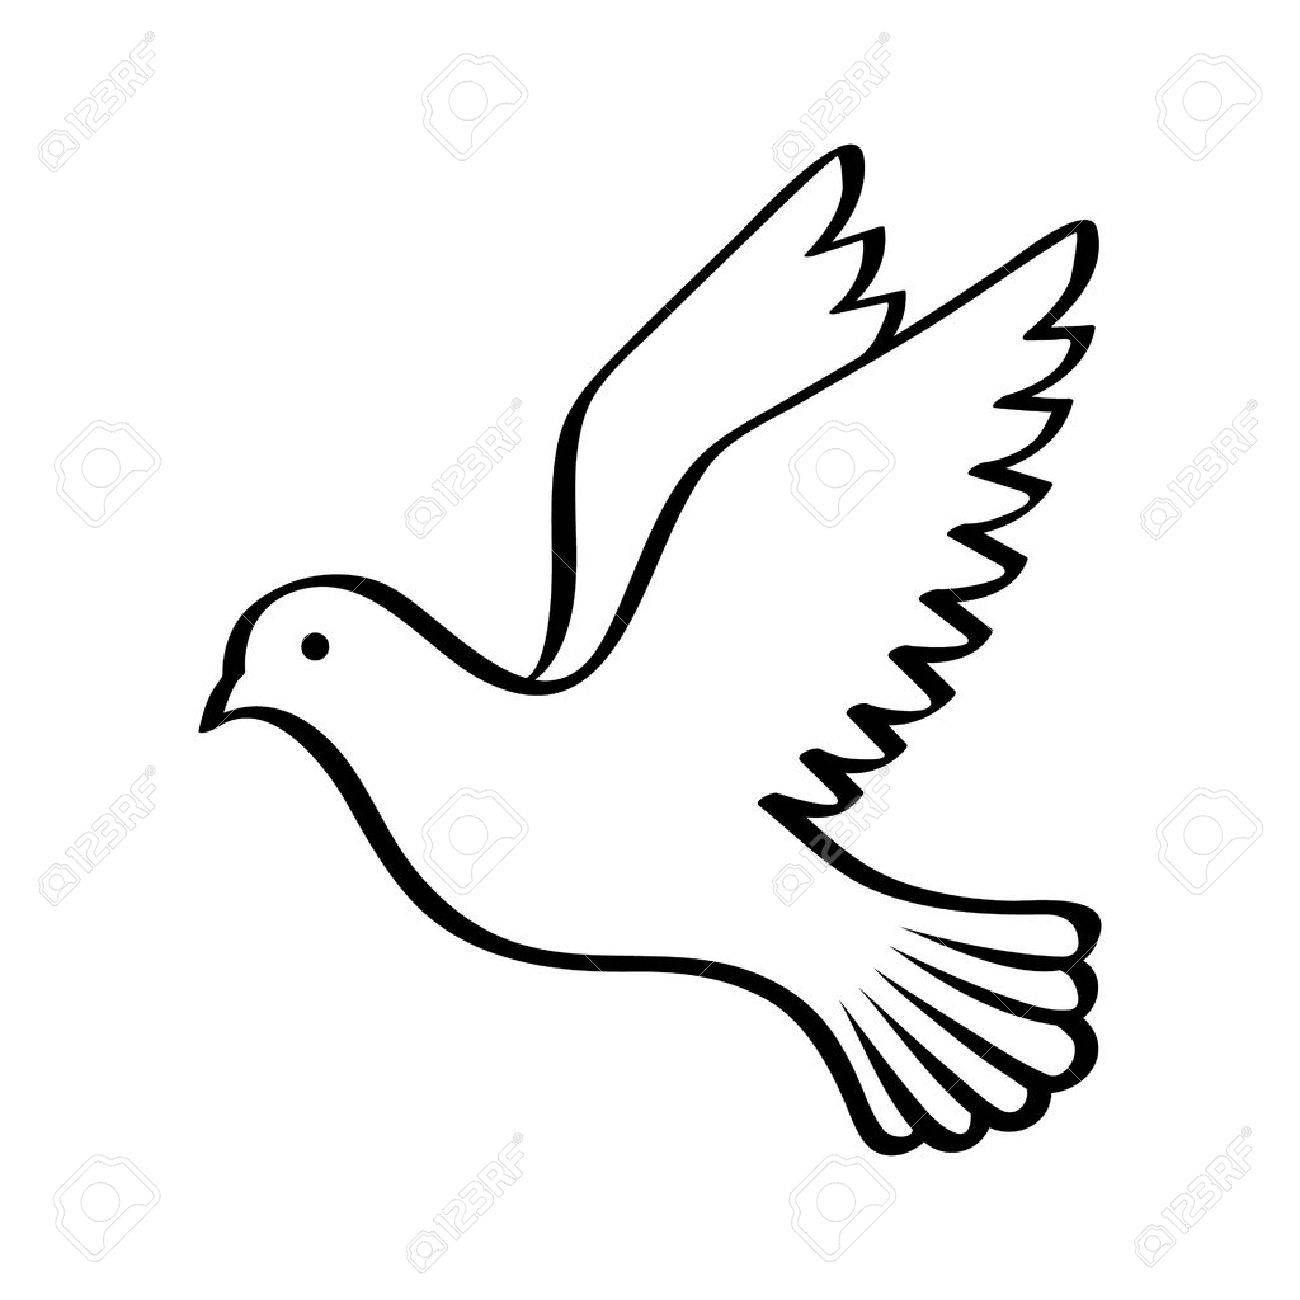 Vliegende Vogel Duif Of Duiven Met Zijn Vleugels Gespreid Lijntekeningen Vector Pictogram Voor De Natuur Apps En Websites Vliegende Vogels Lijntekeningen Duif